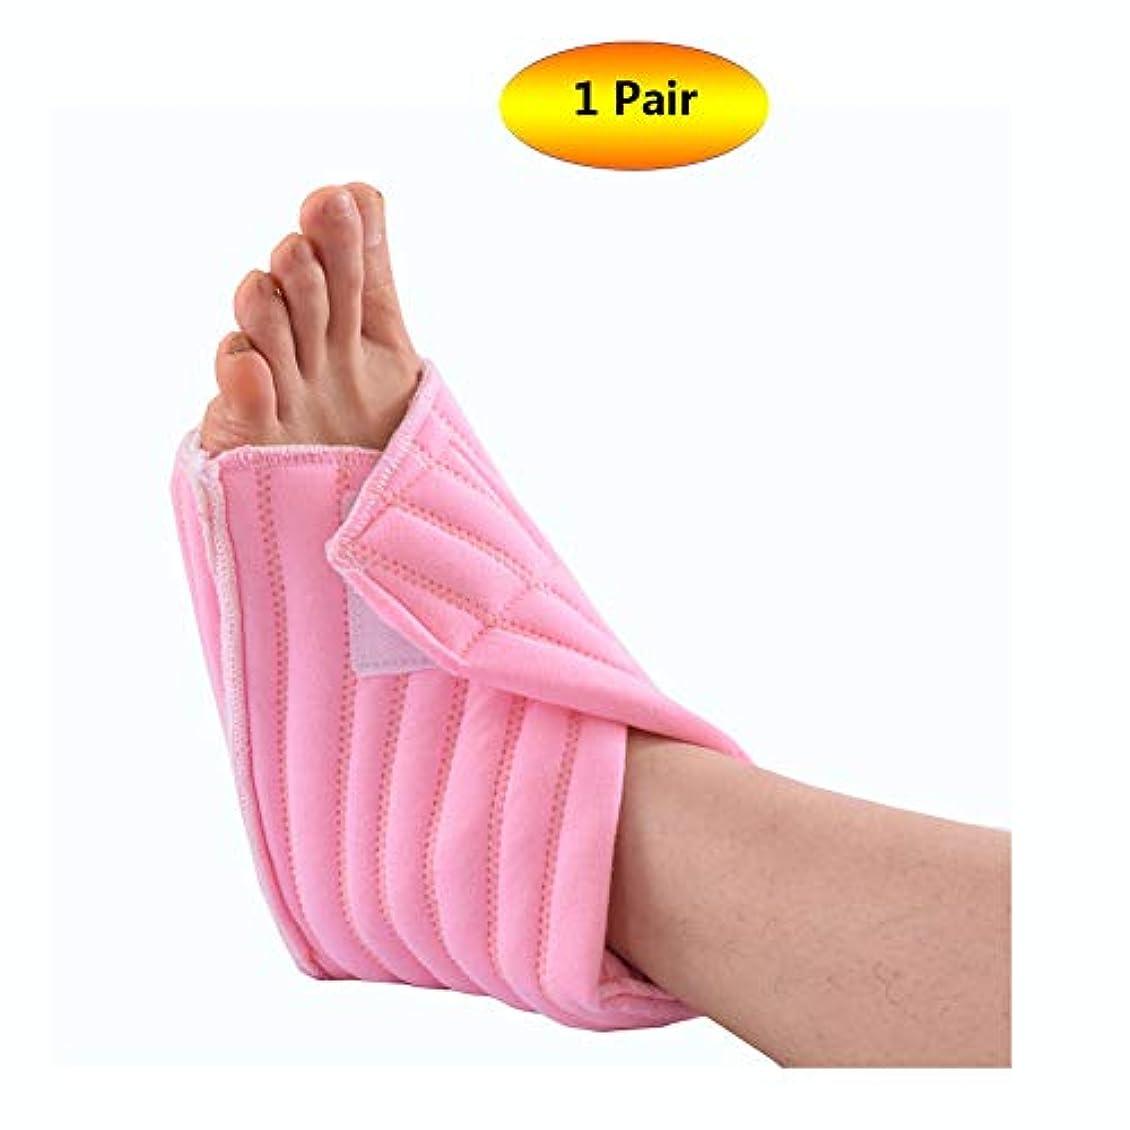 謙虚統治する管理しますヒールプロテクター枕ソフト慰め、ヒールフロートヒールプロテクター、高齢者の足補正カバー - ピンク